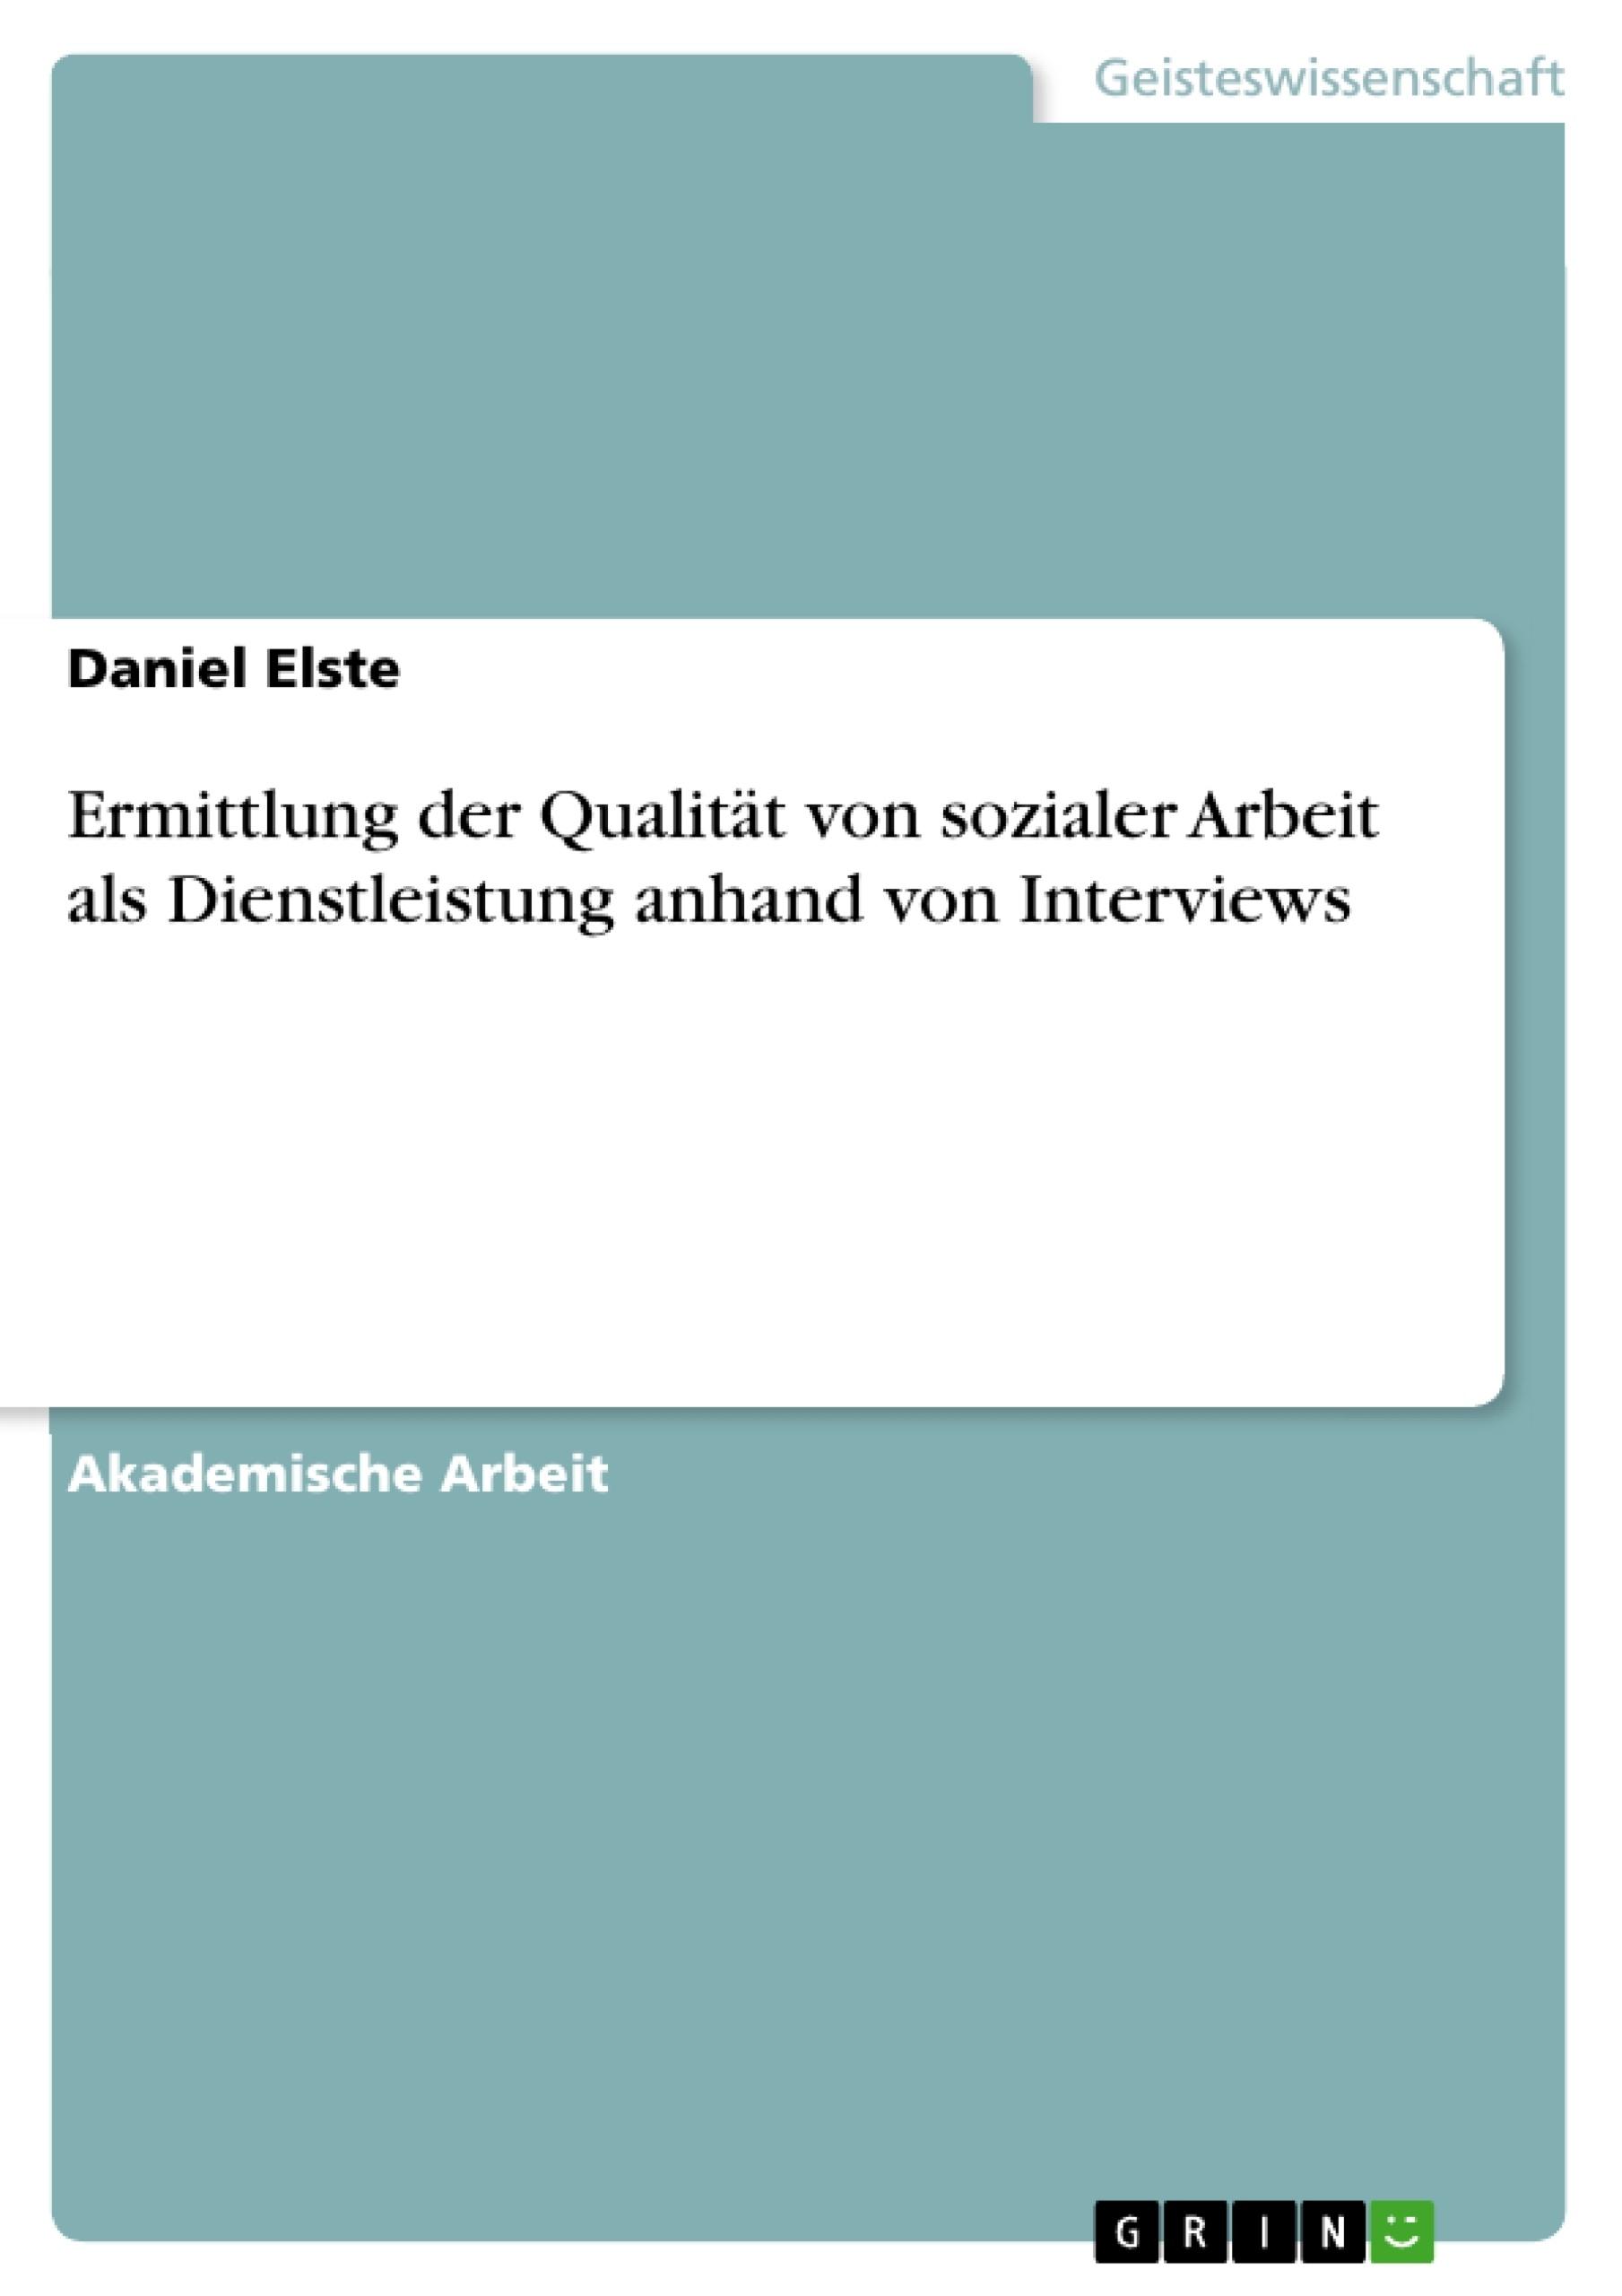 Titel: Ermittlung der Qualität von sozialer Arbeit als Dienstleistung anhand von Interviews